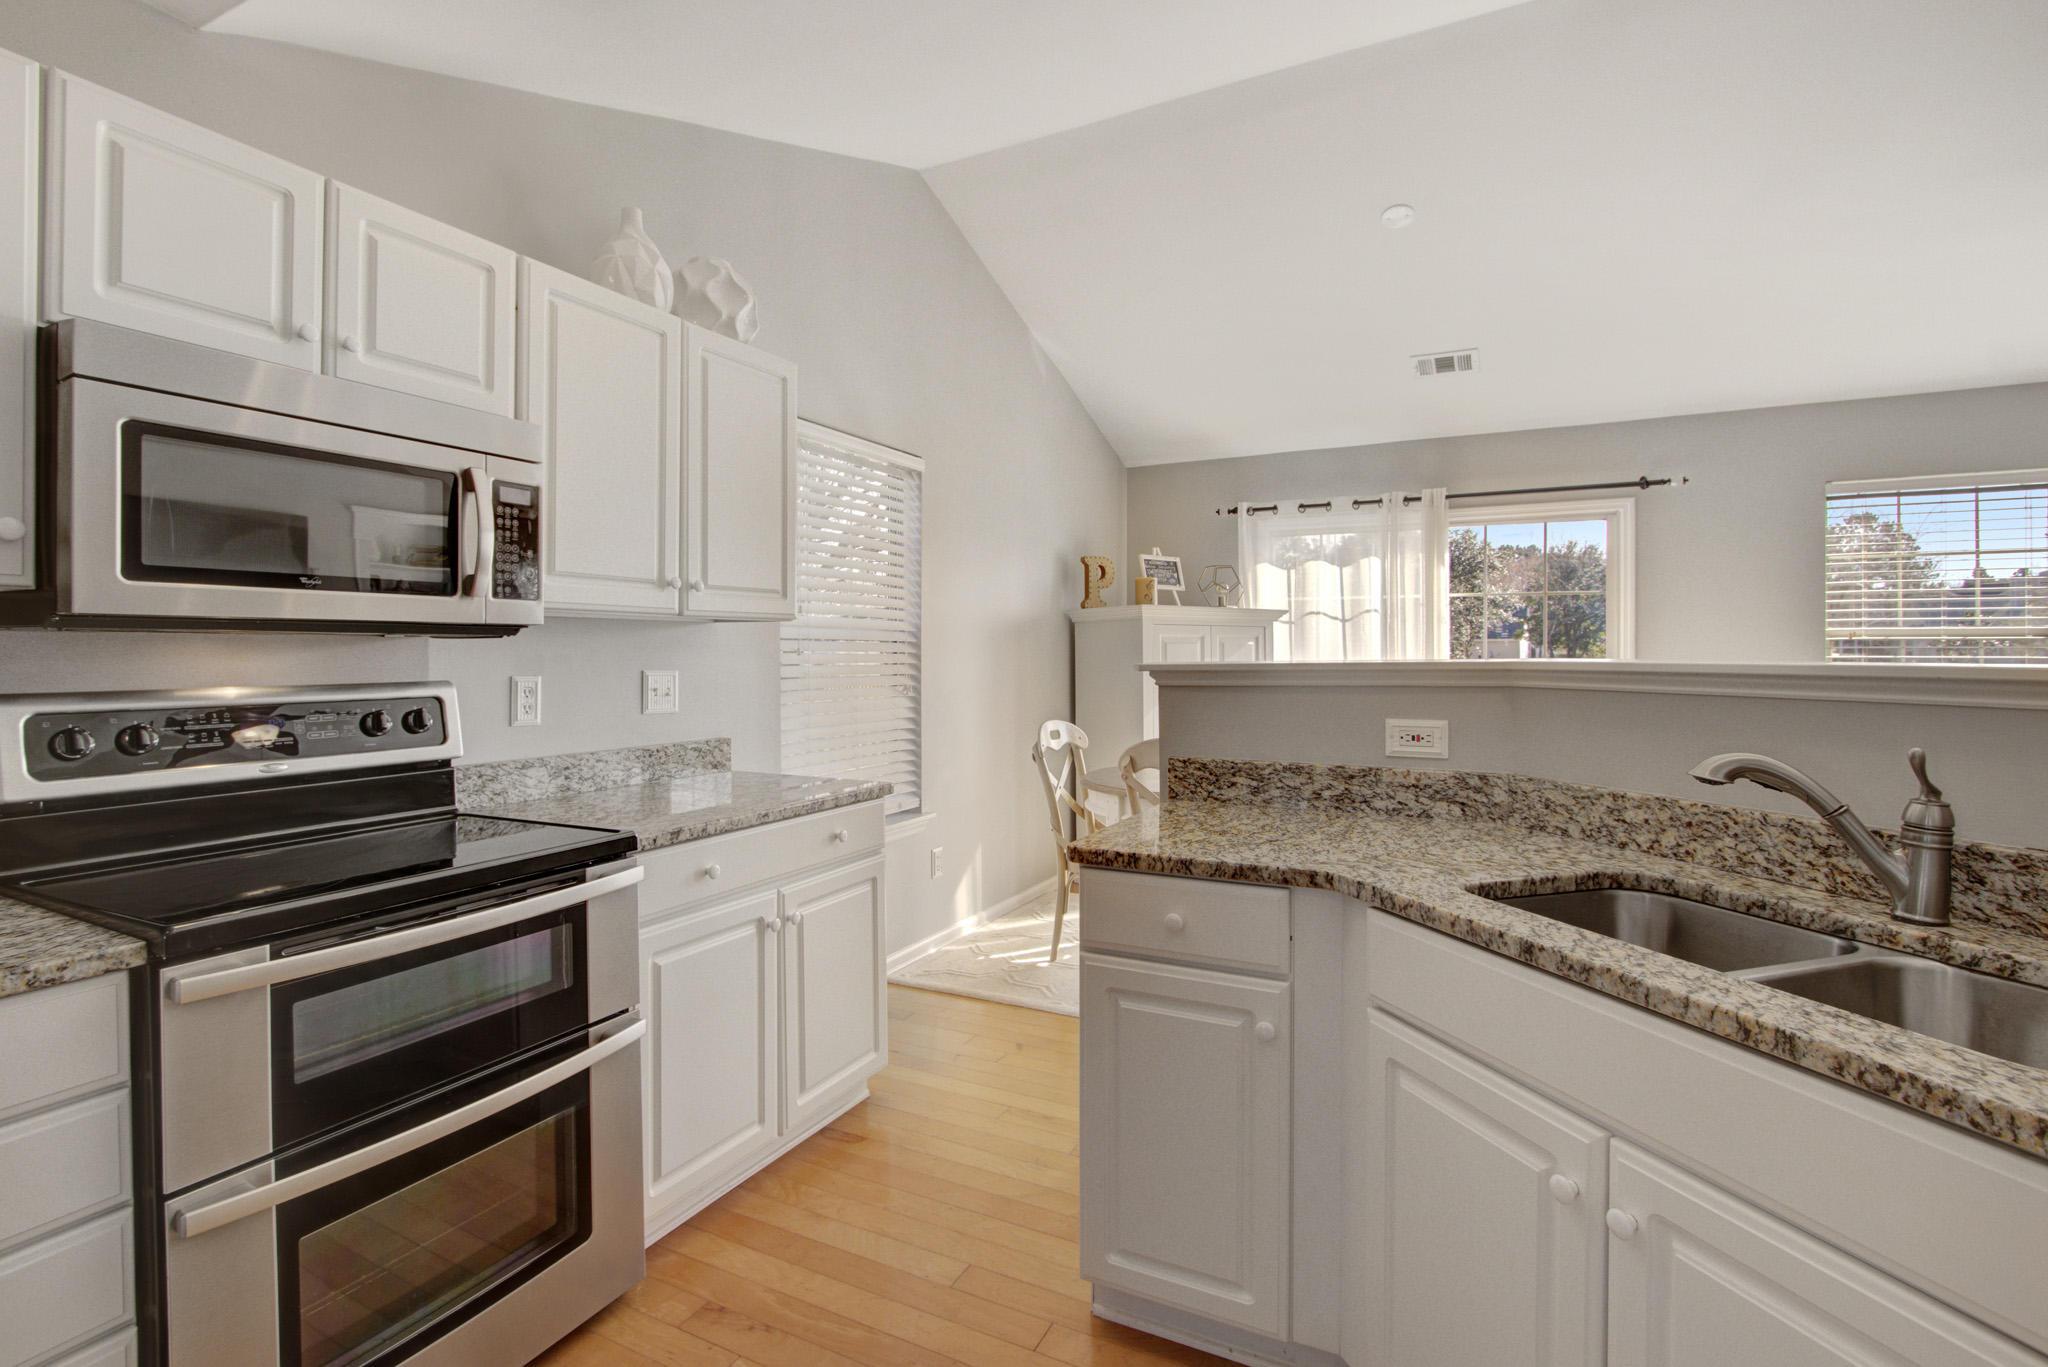 Dunes West Homes For Sale - 1425 Water Oak Cut, Mount Pleasant, SC - 14